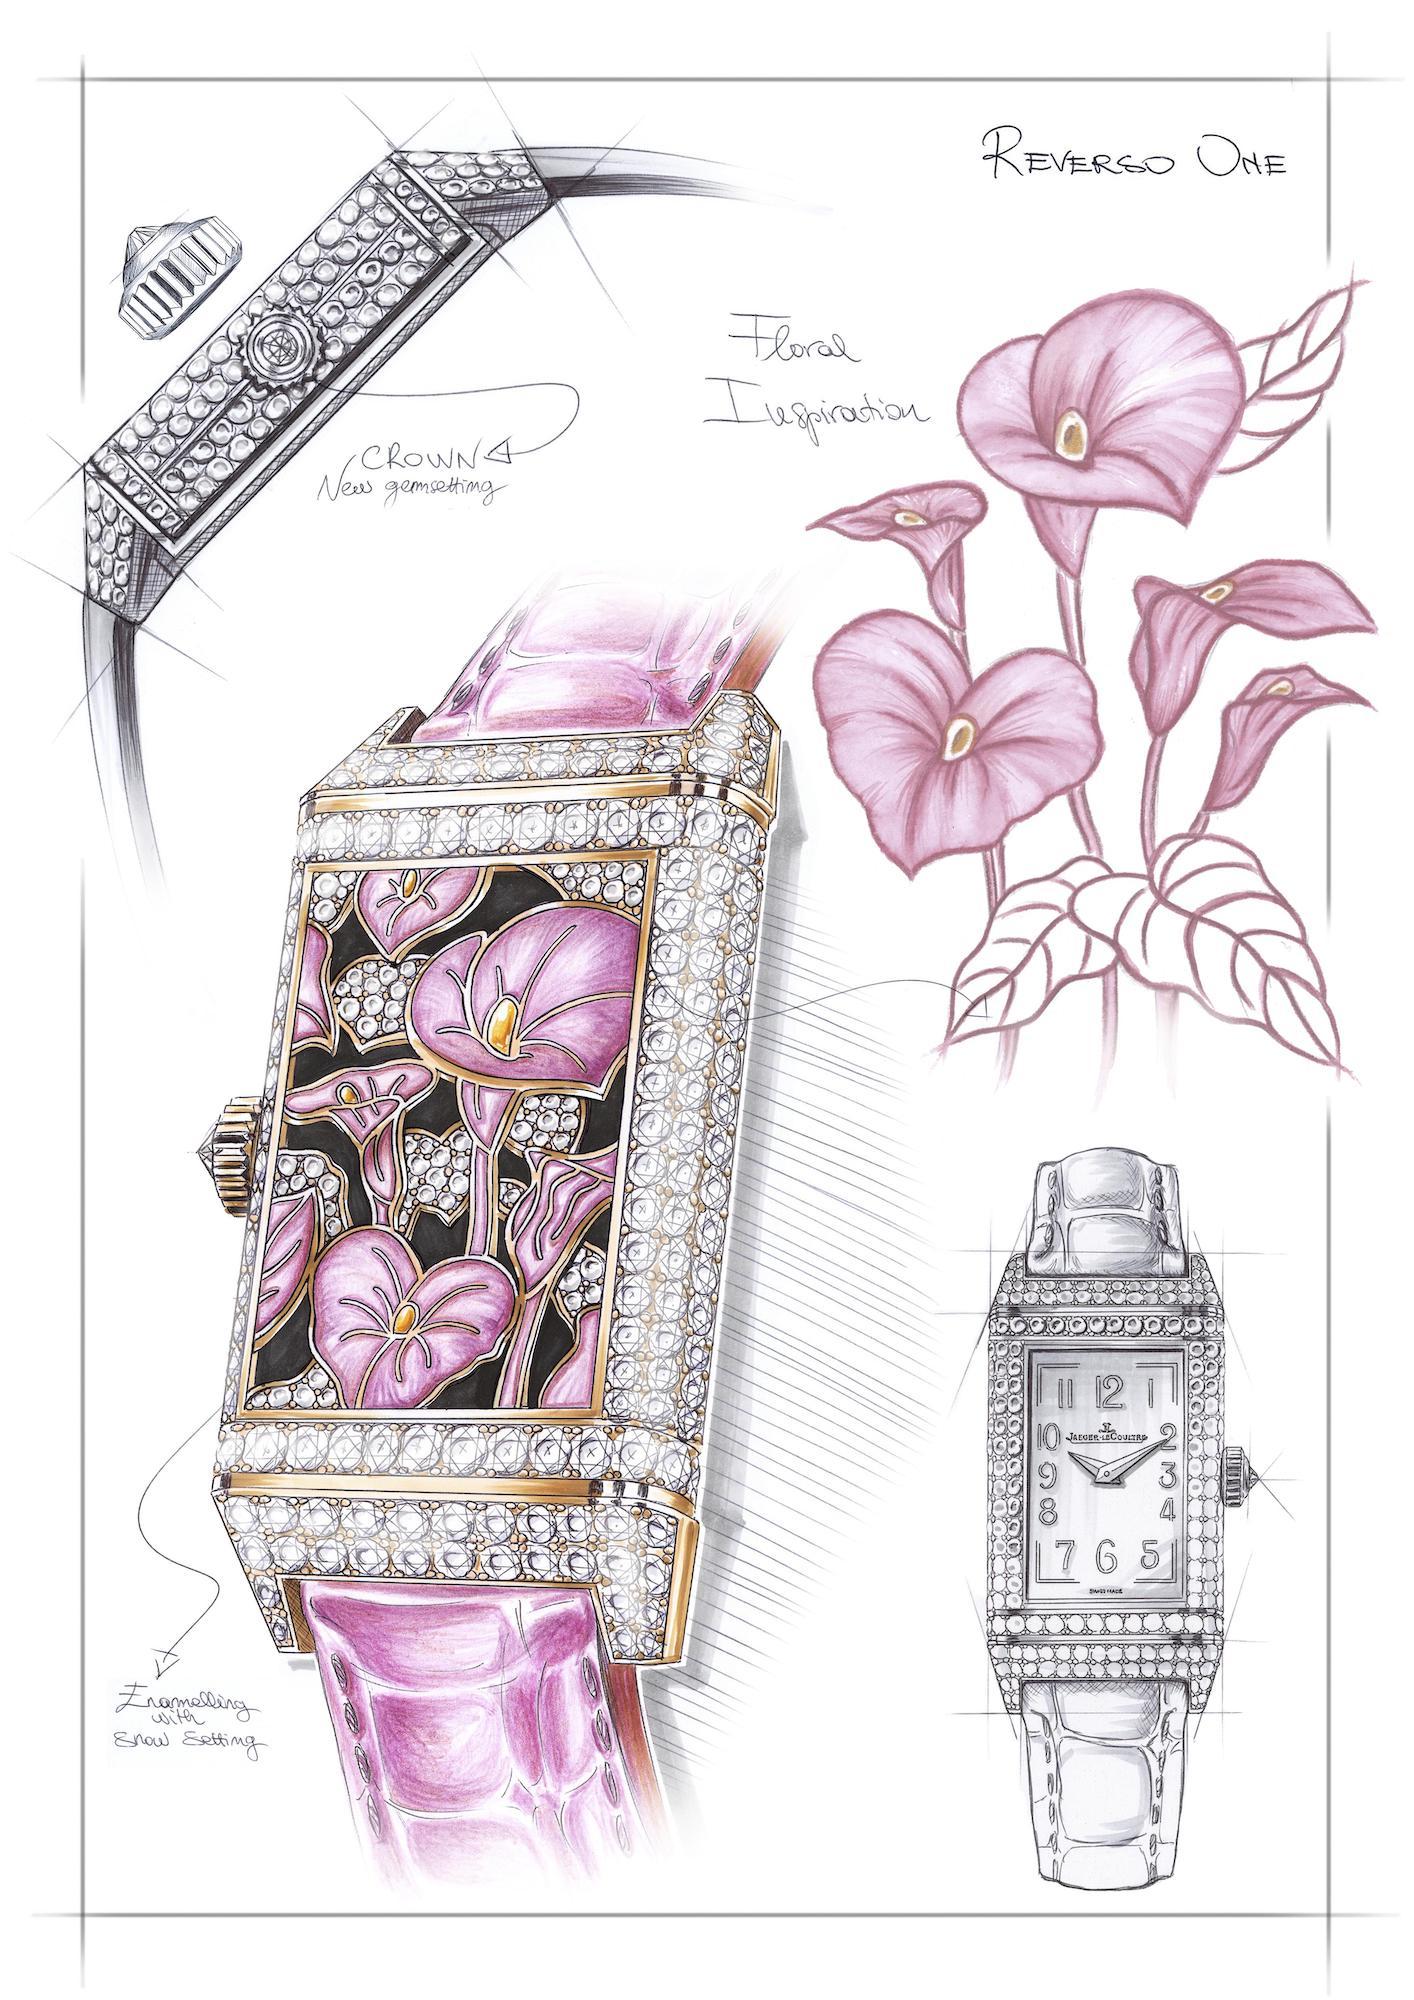 Jaeger-LeCoultre Reverso One Precious Flowers q3292430 Sketch